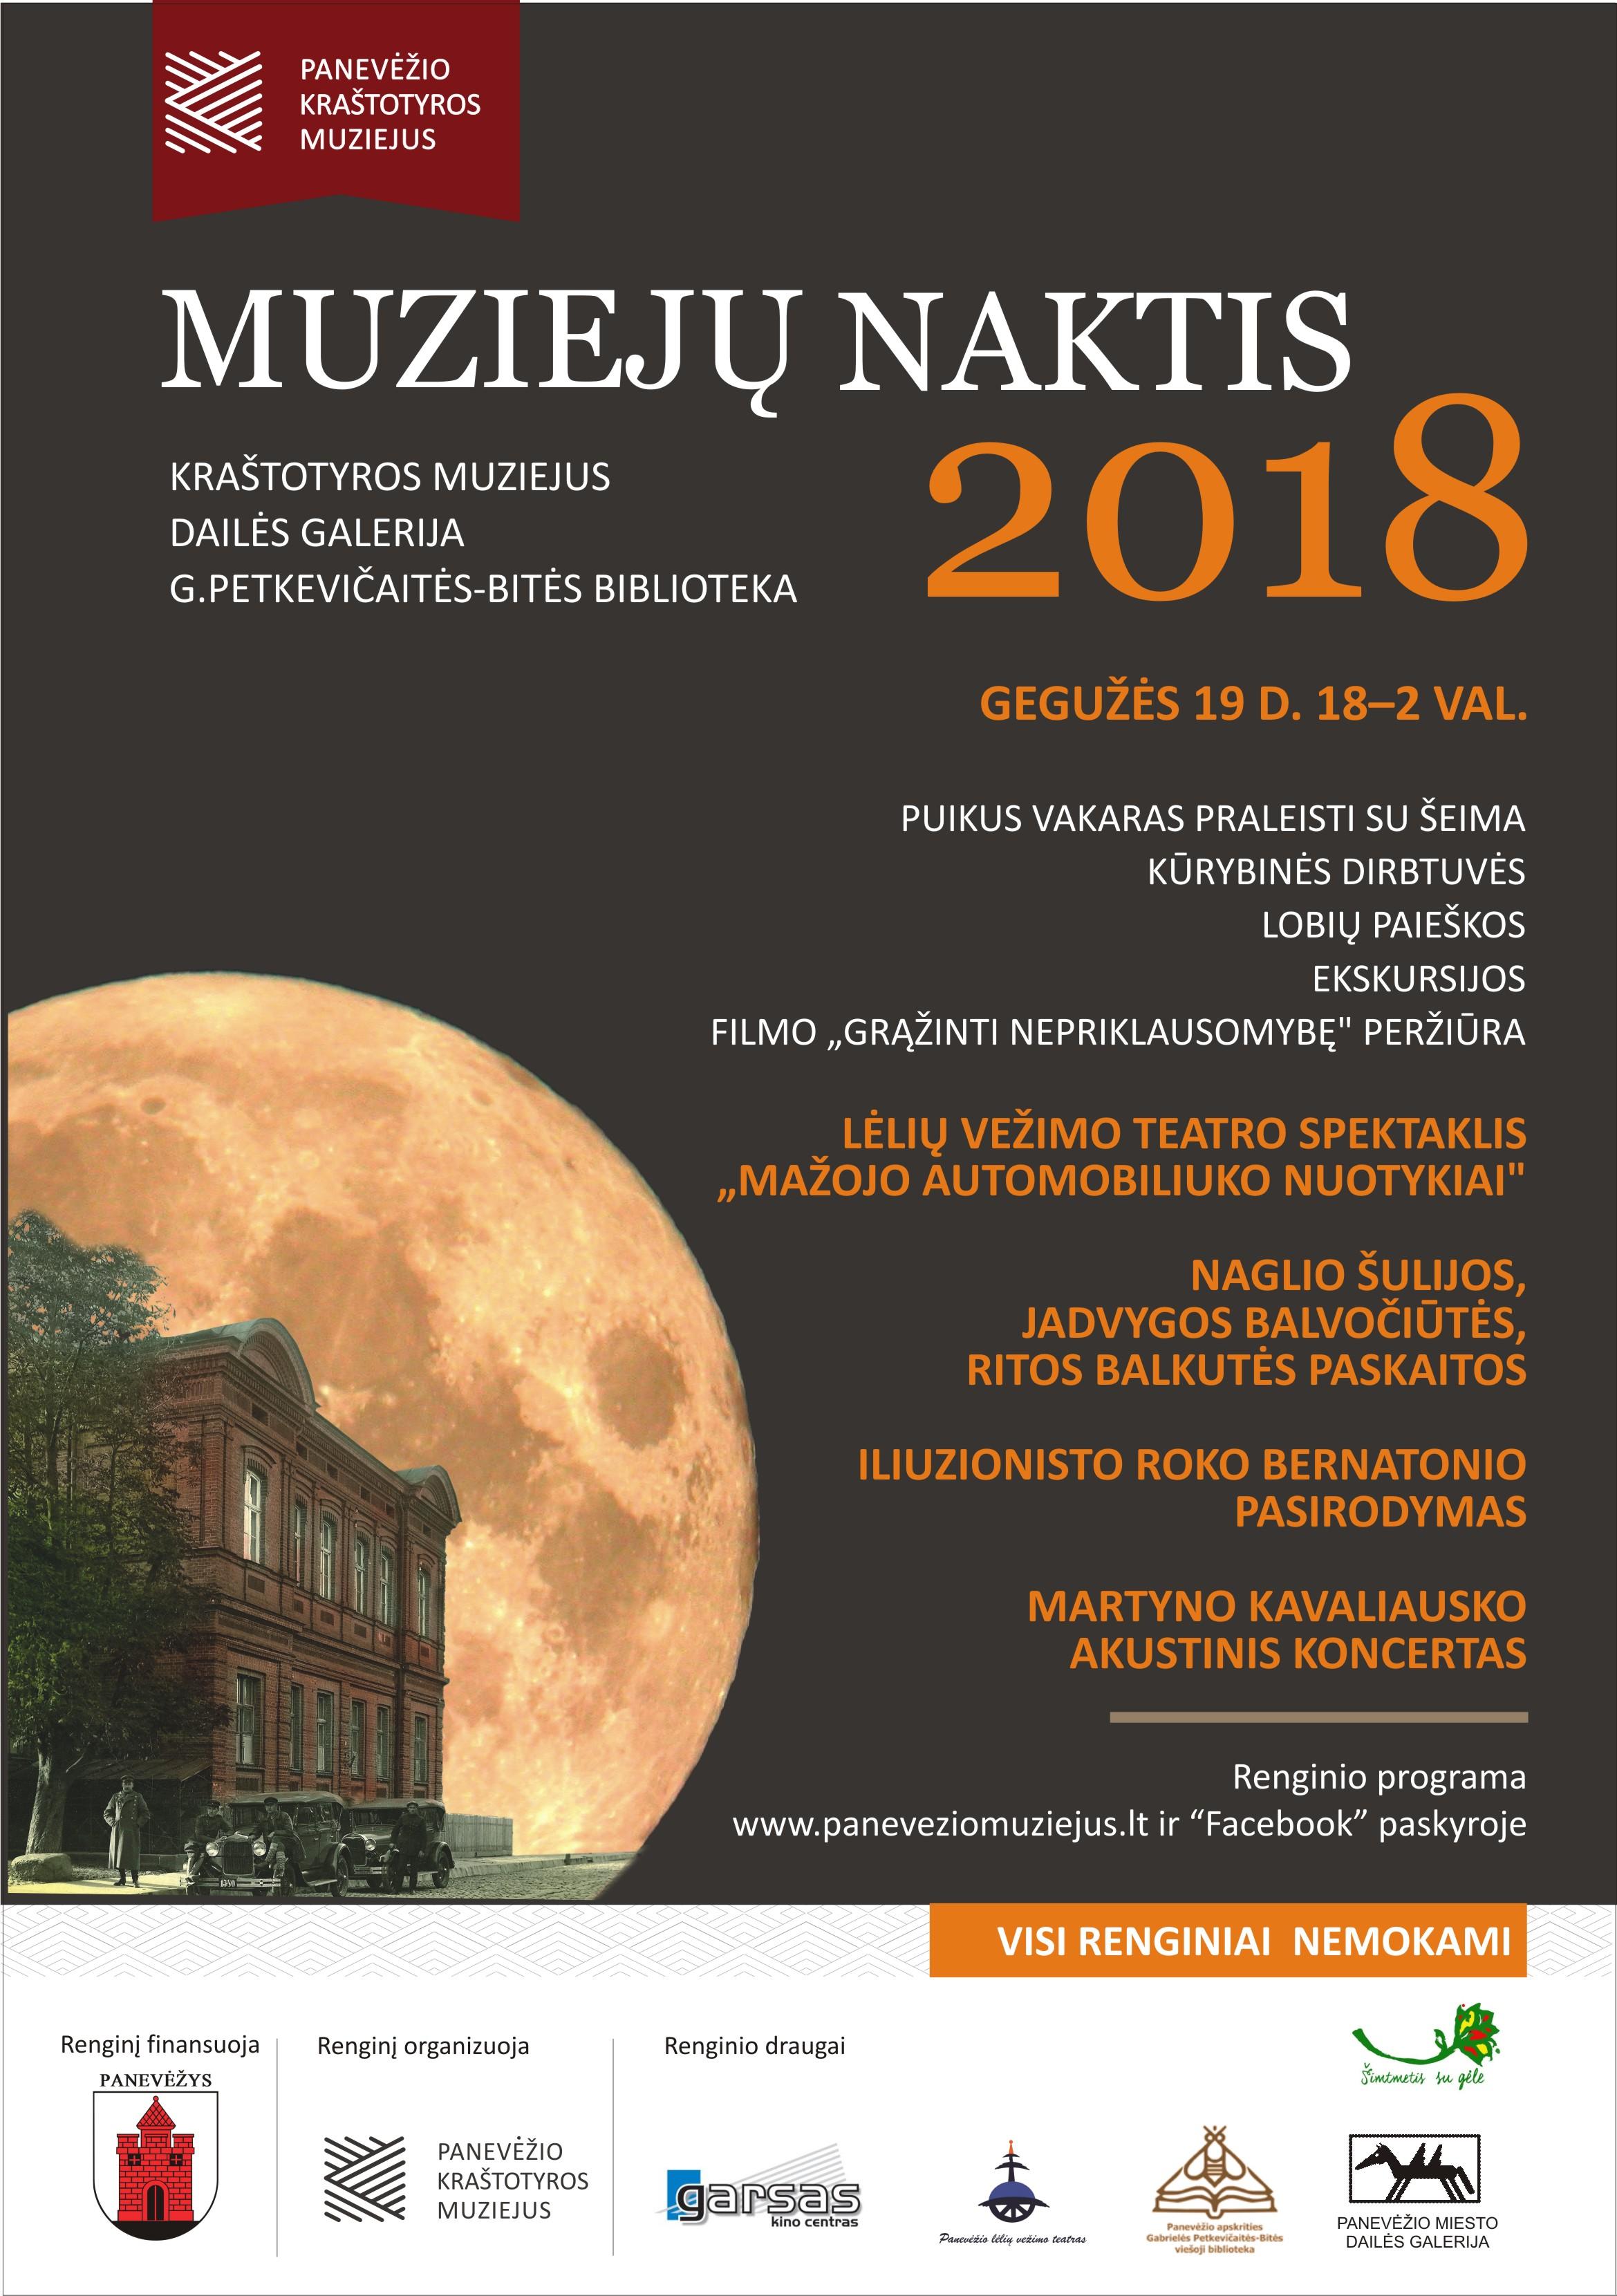 Renginio plakatas | Panevėžio kraštotyros muziejaus nuotr.